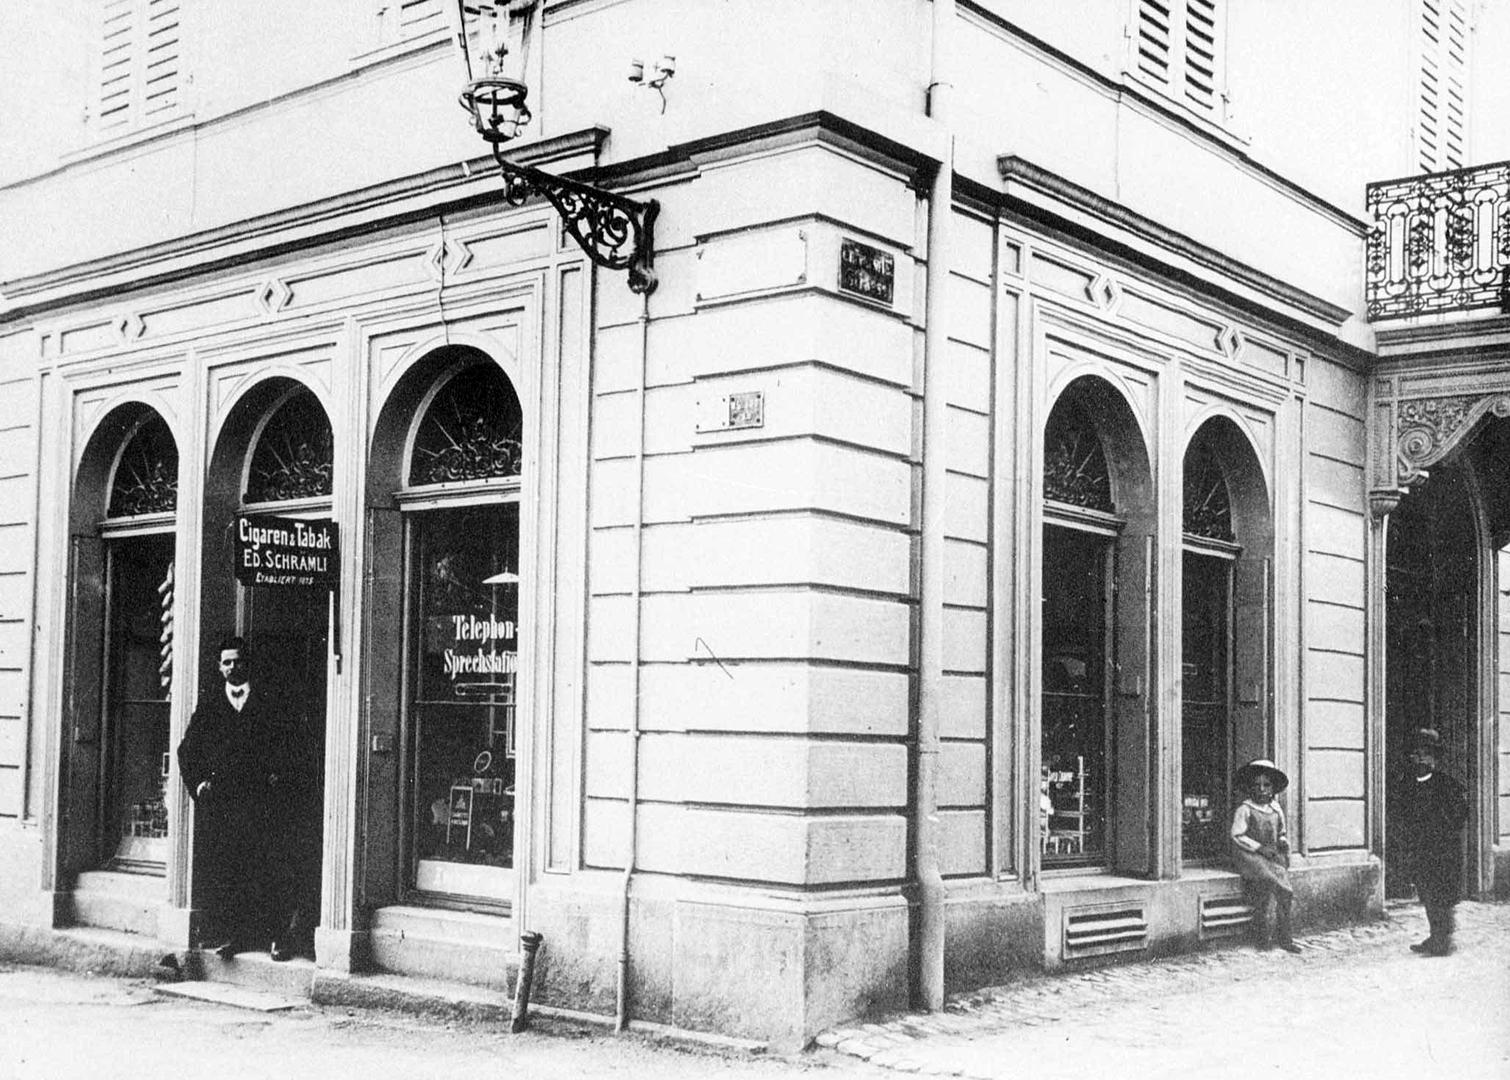 Erste Telefon-Sprechstationen finden sich teilweise in privaten Geschäften. Beispielsweise im Zigarrengeschäft Schrämmli in Zürich. Aufnahme um ca. 1890.